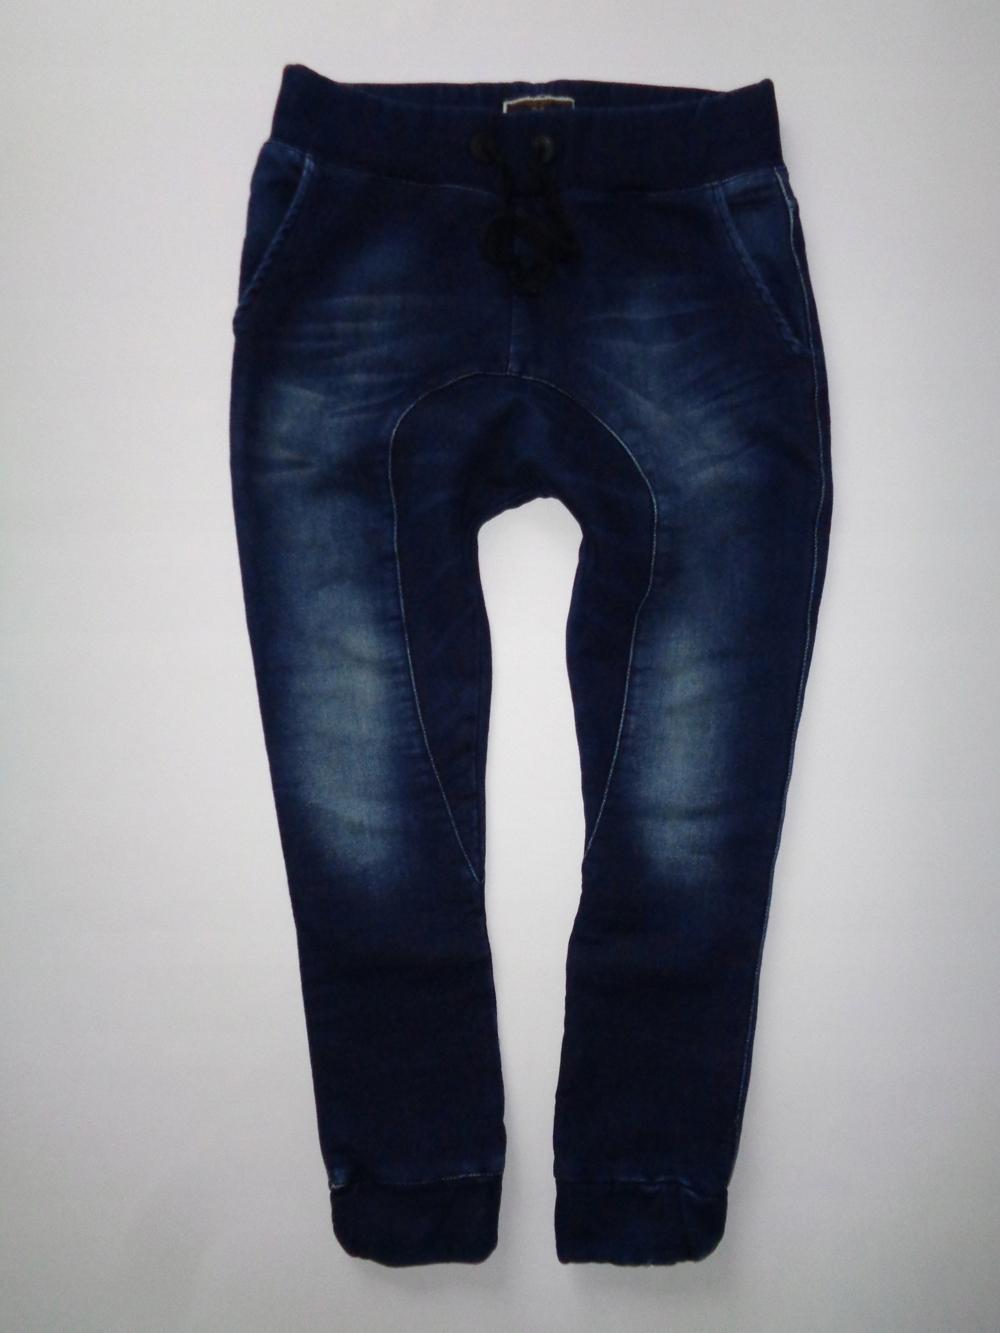 ZARA męskie spodnie joggery baggy jeans roz. L 32